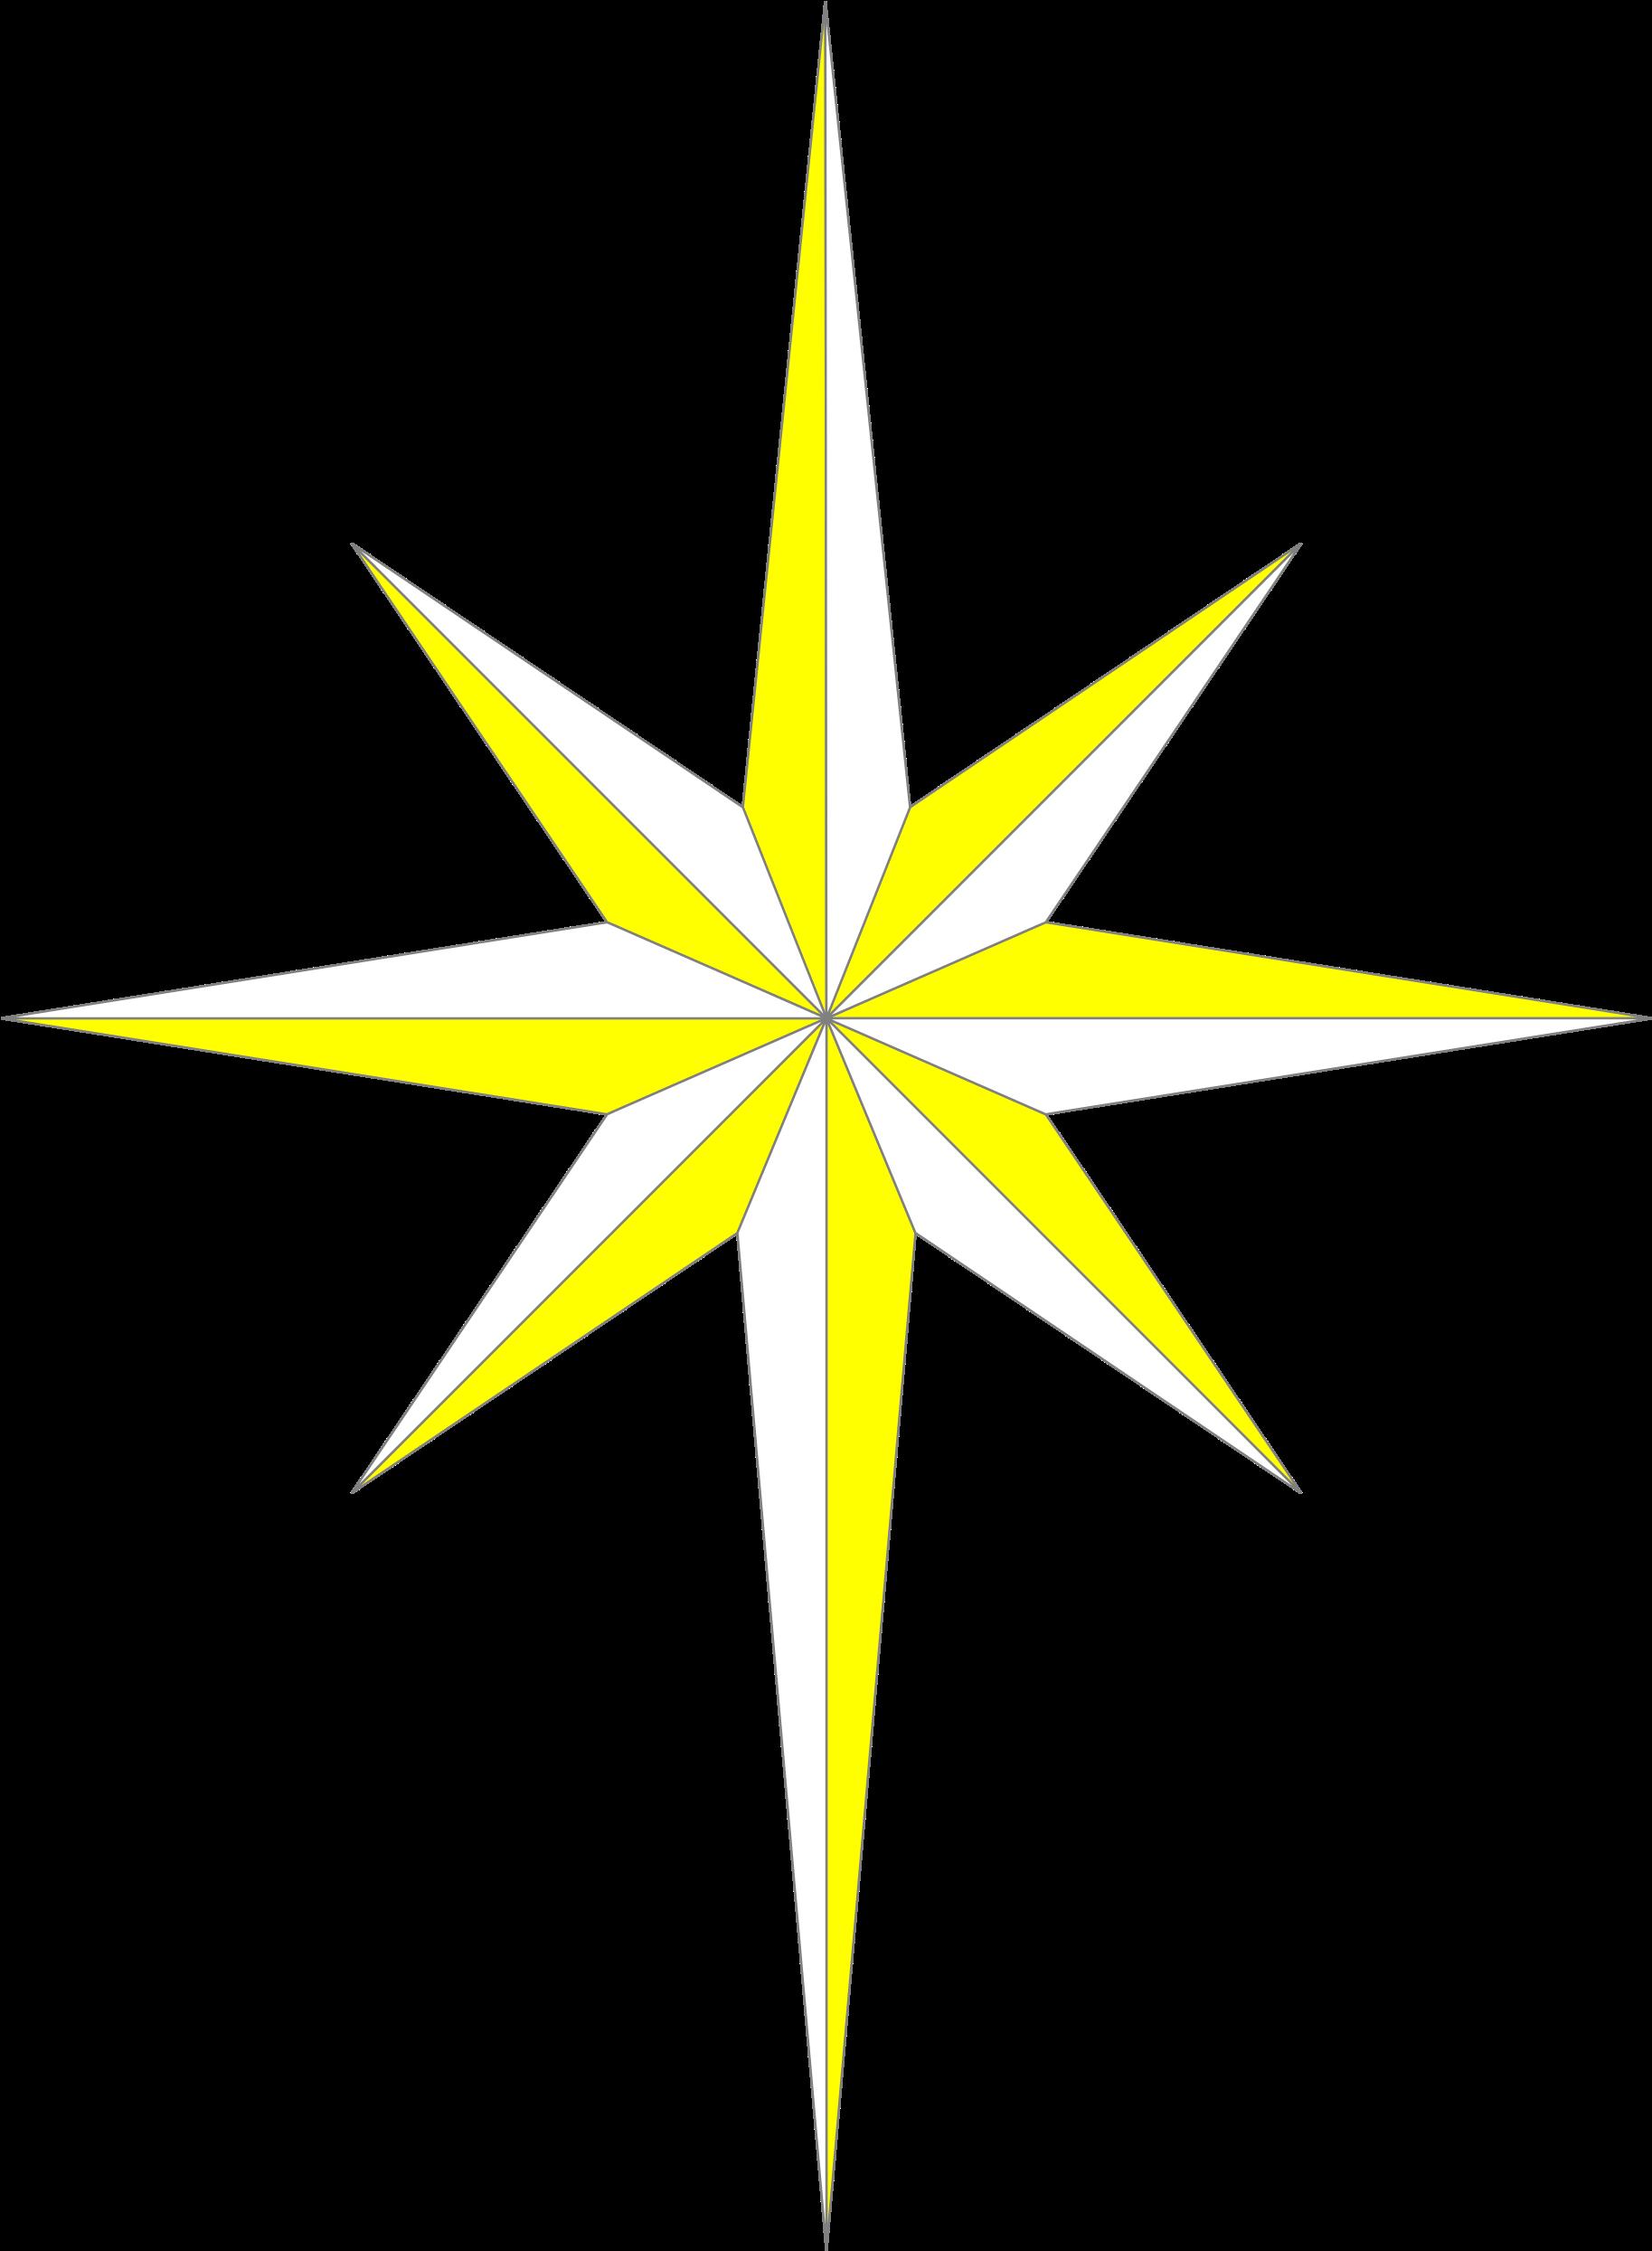 вифлеемская звезда картинки как нарисовать что это такое